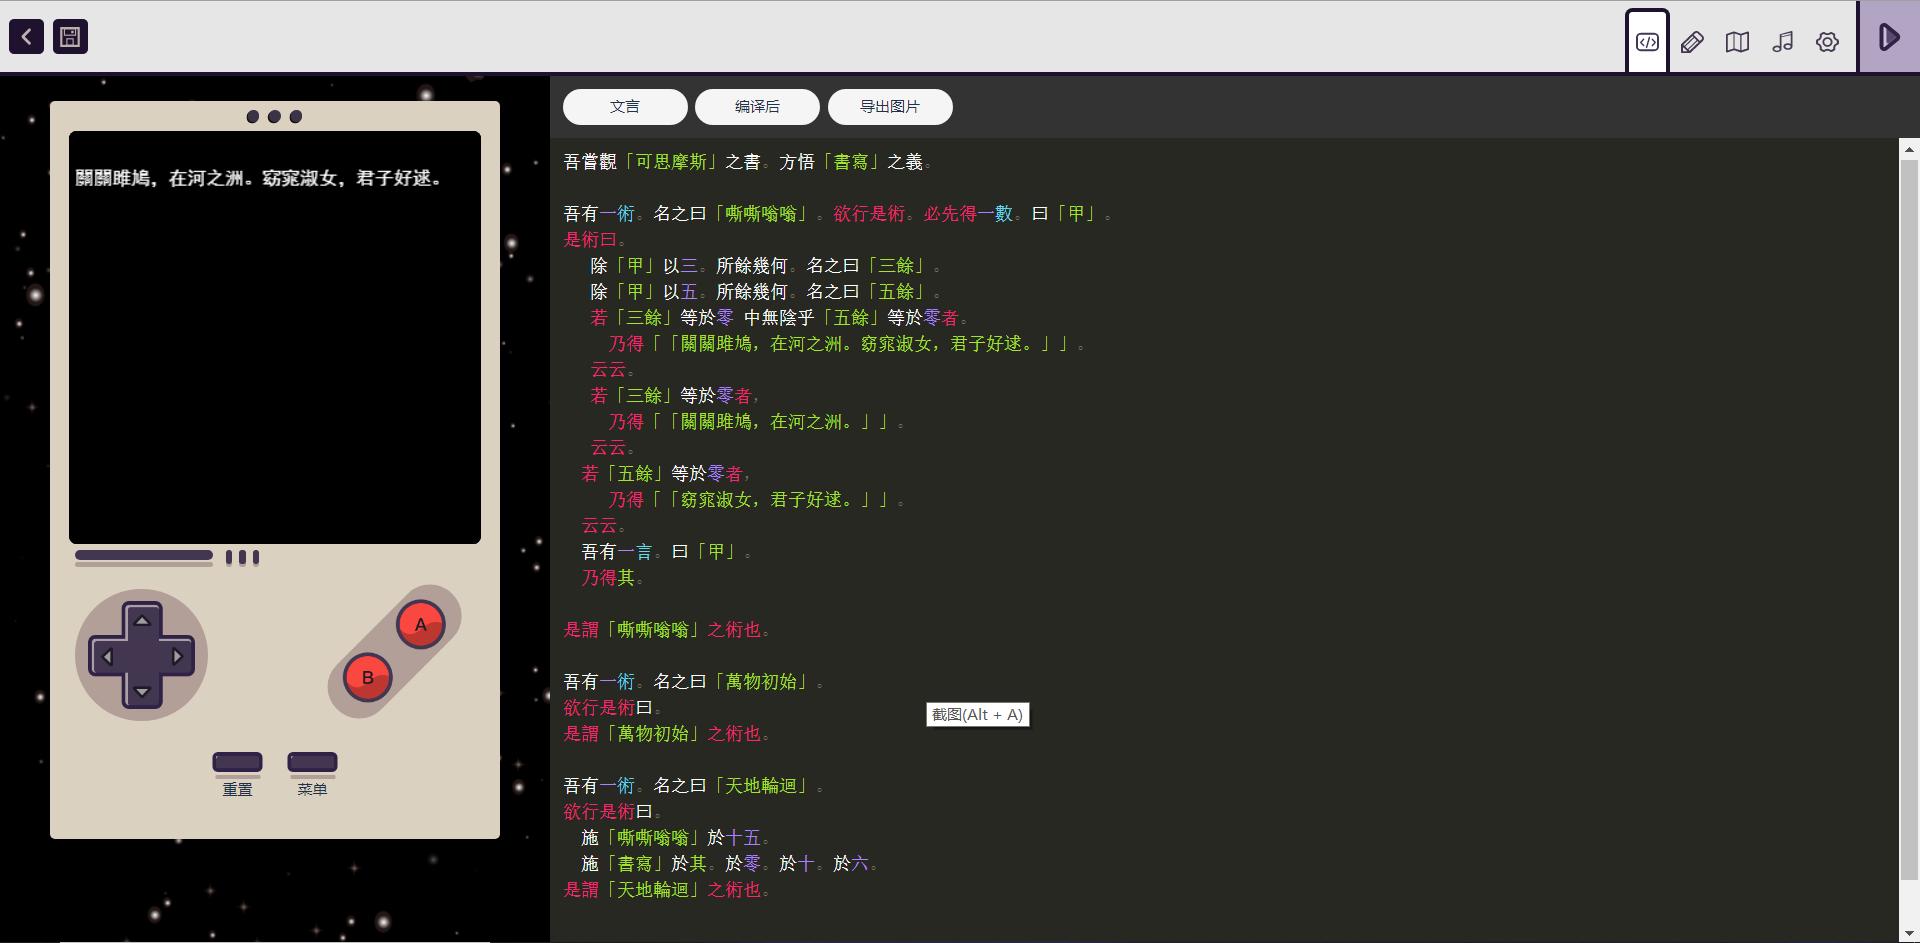 【总结】文言编程工作坊